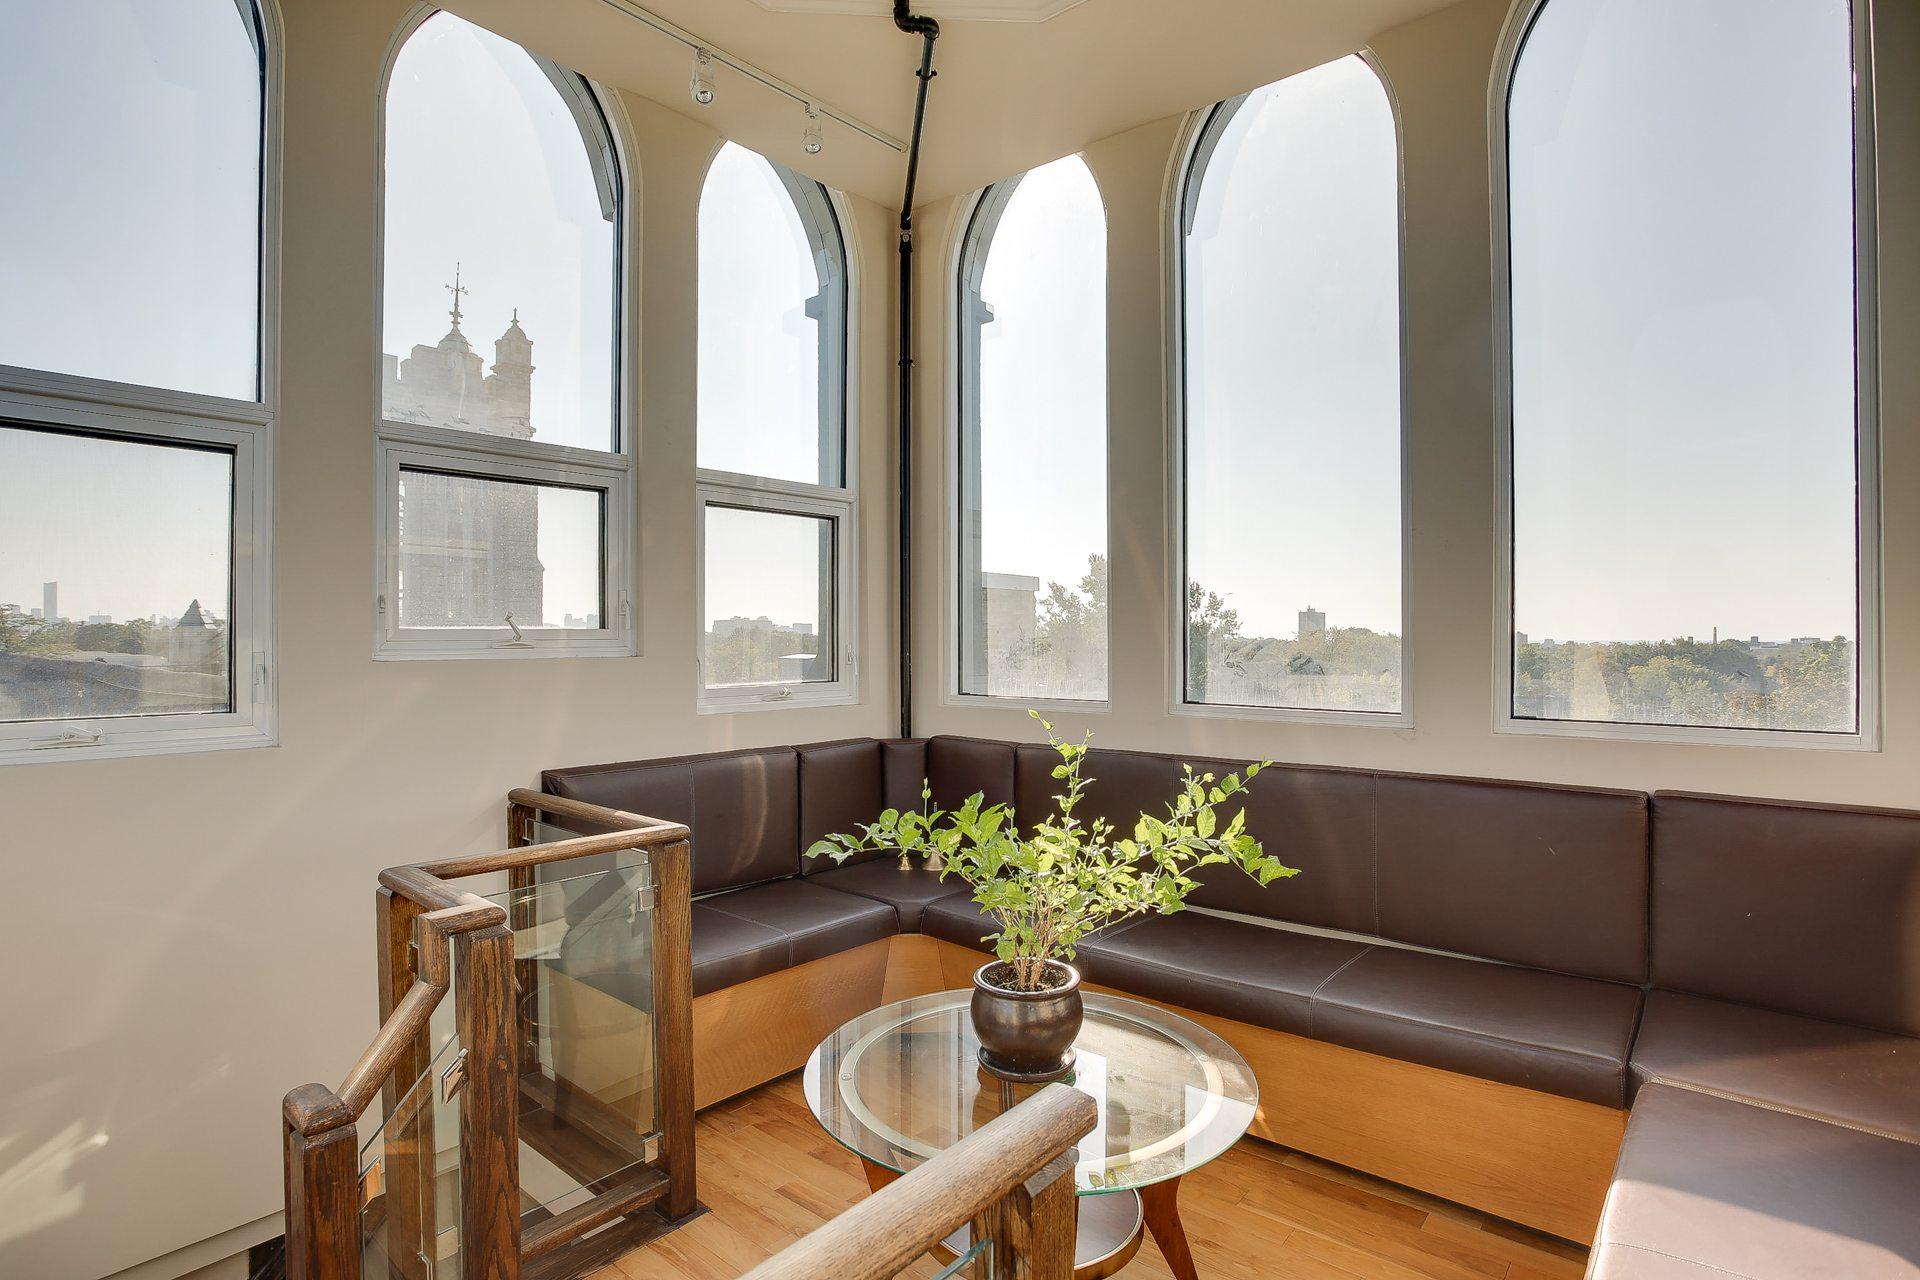 toronto-condo-for-rent-384-sunnyside-avenue-4